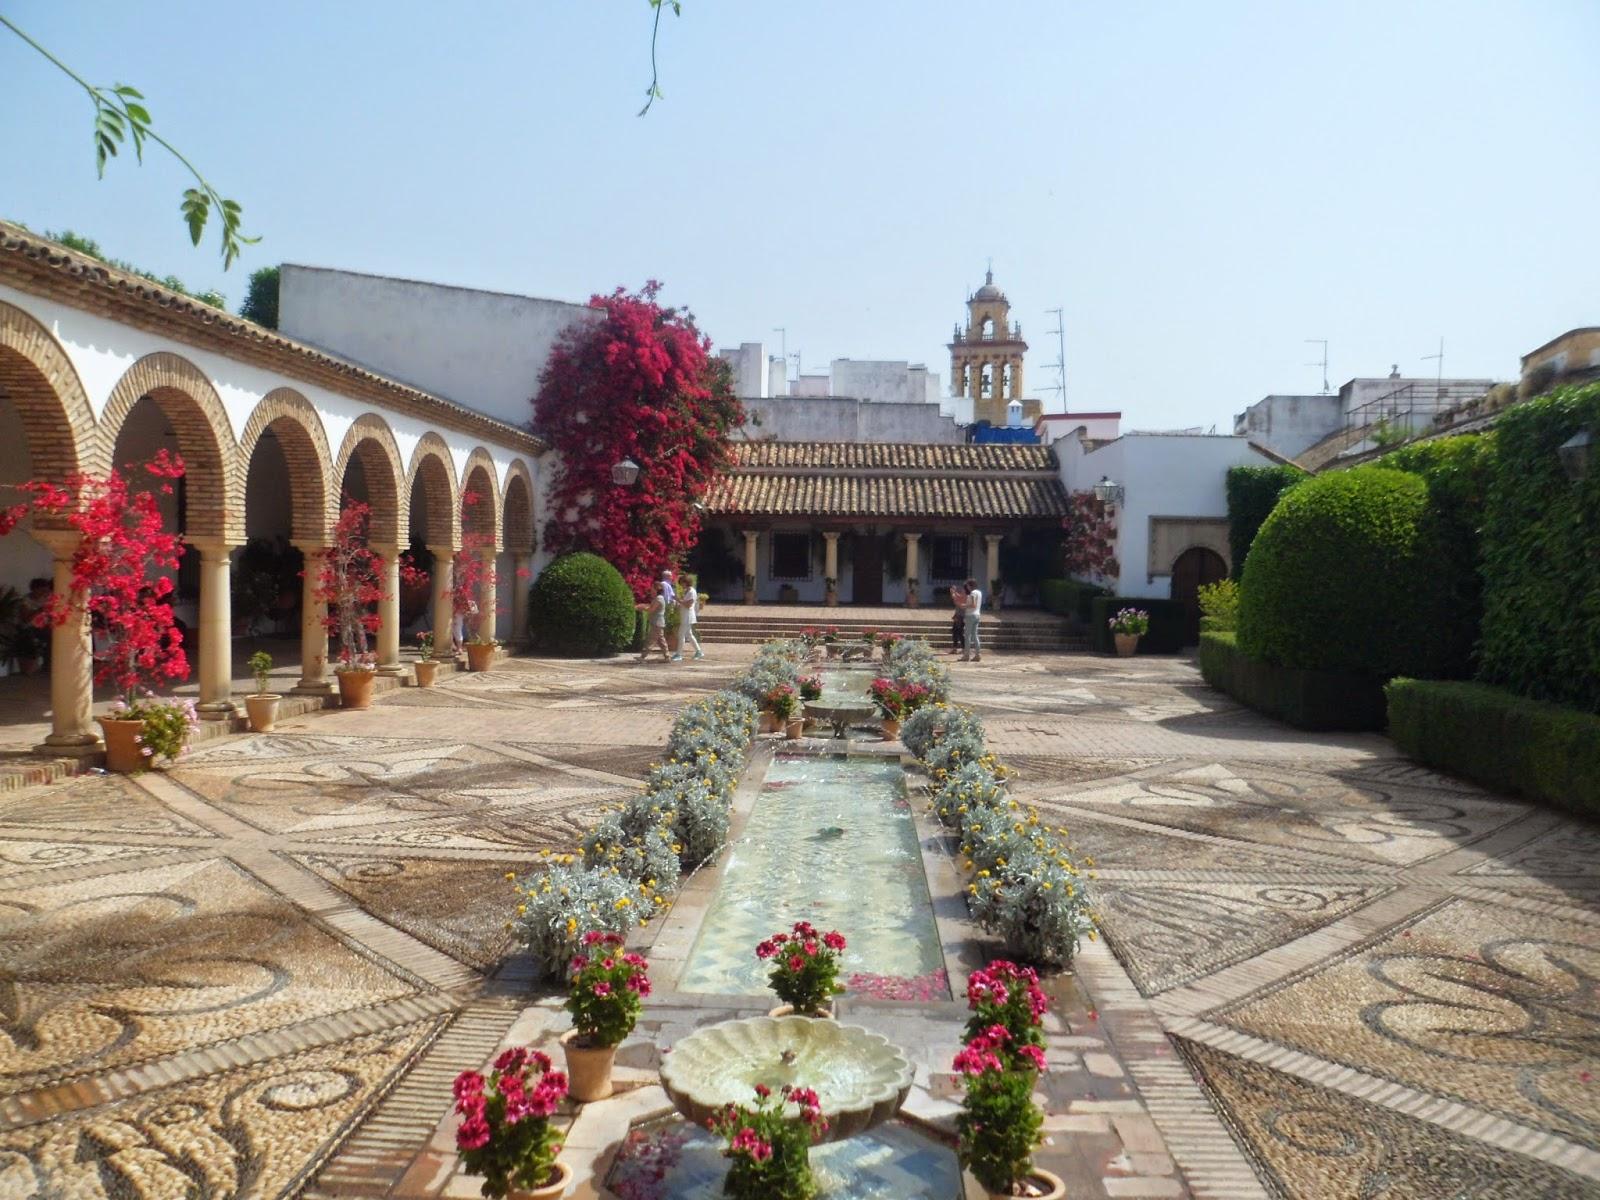 ¡Penúltimo! : Patios del Palacio de Viana